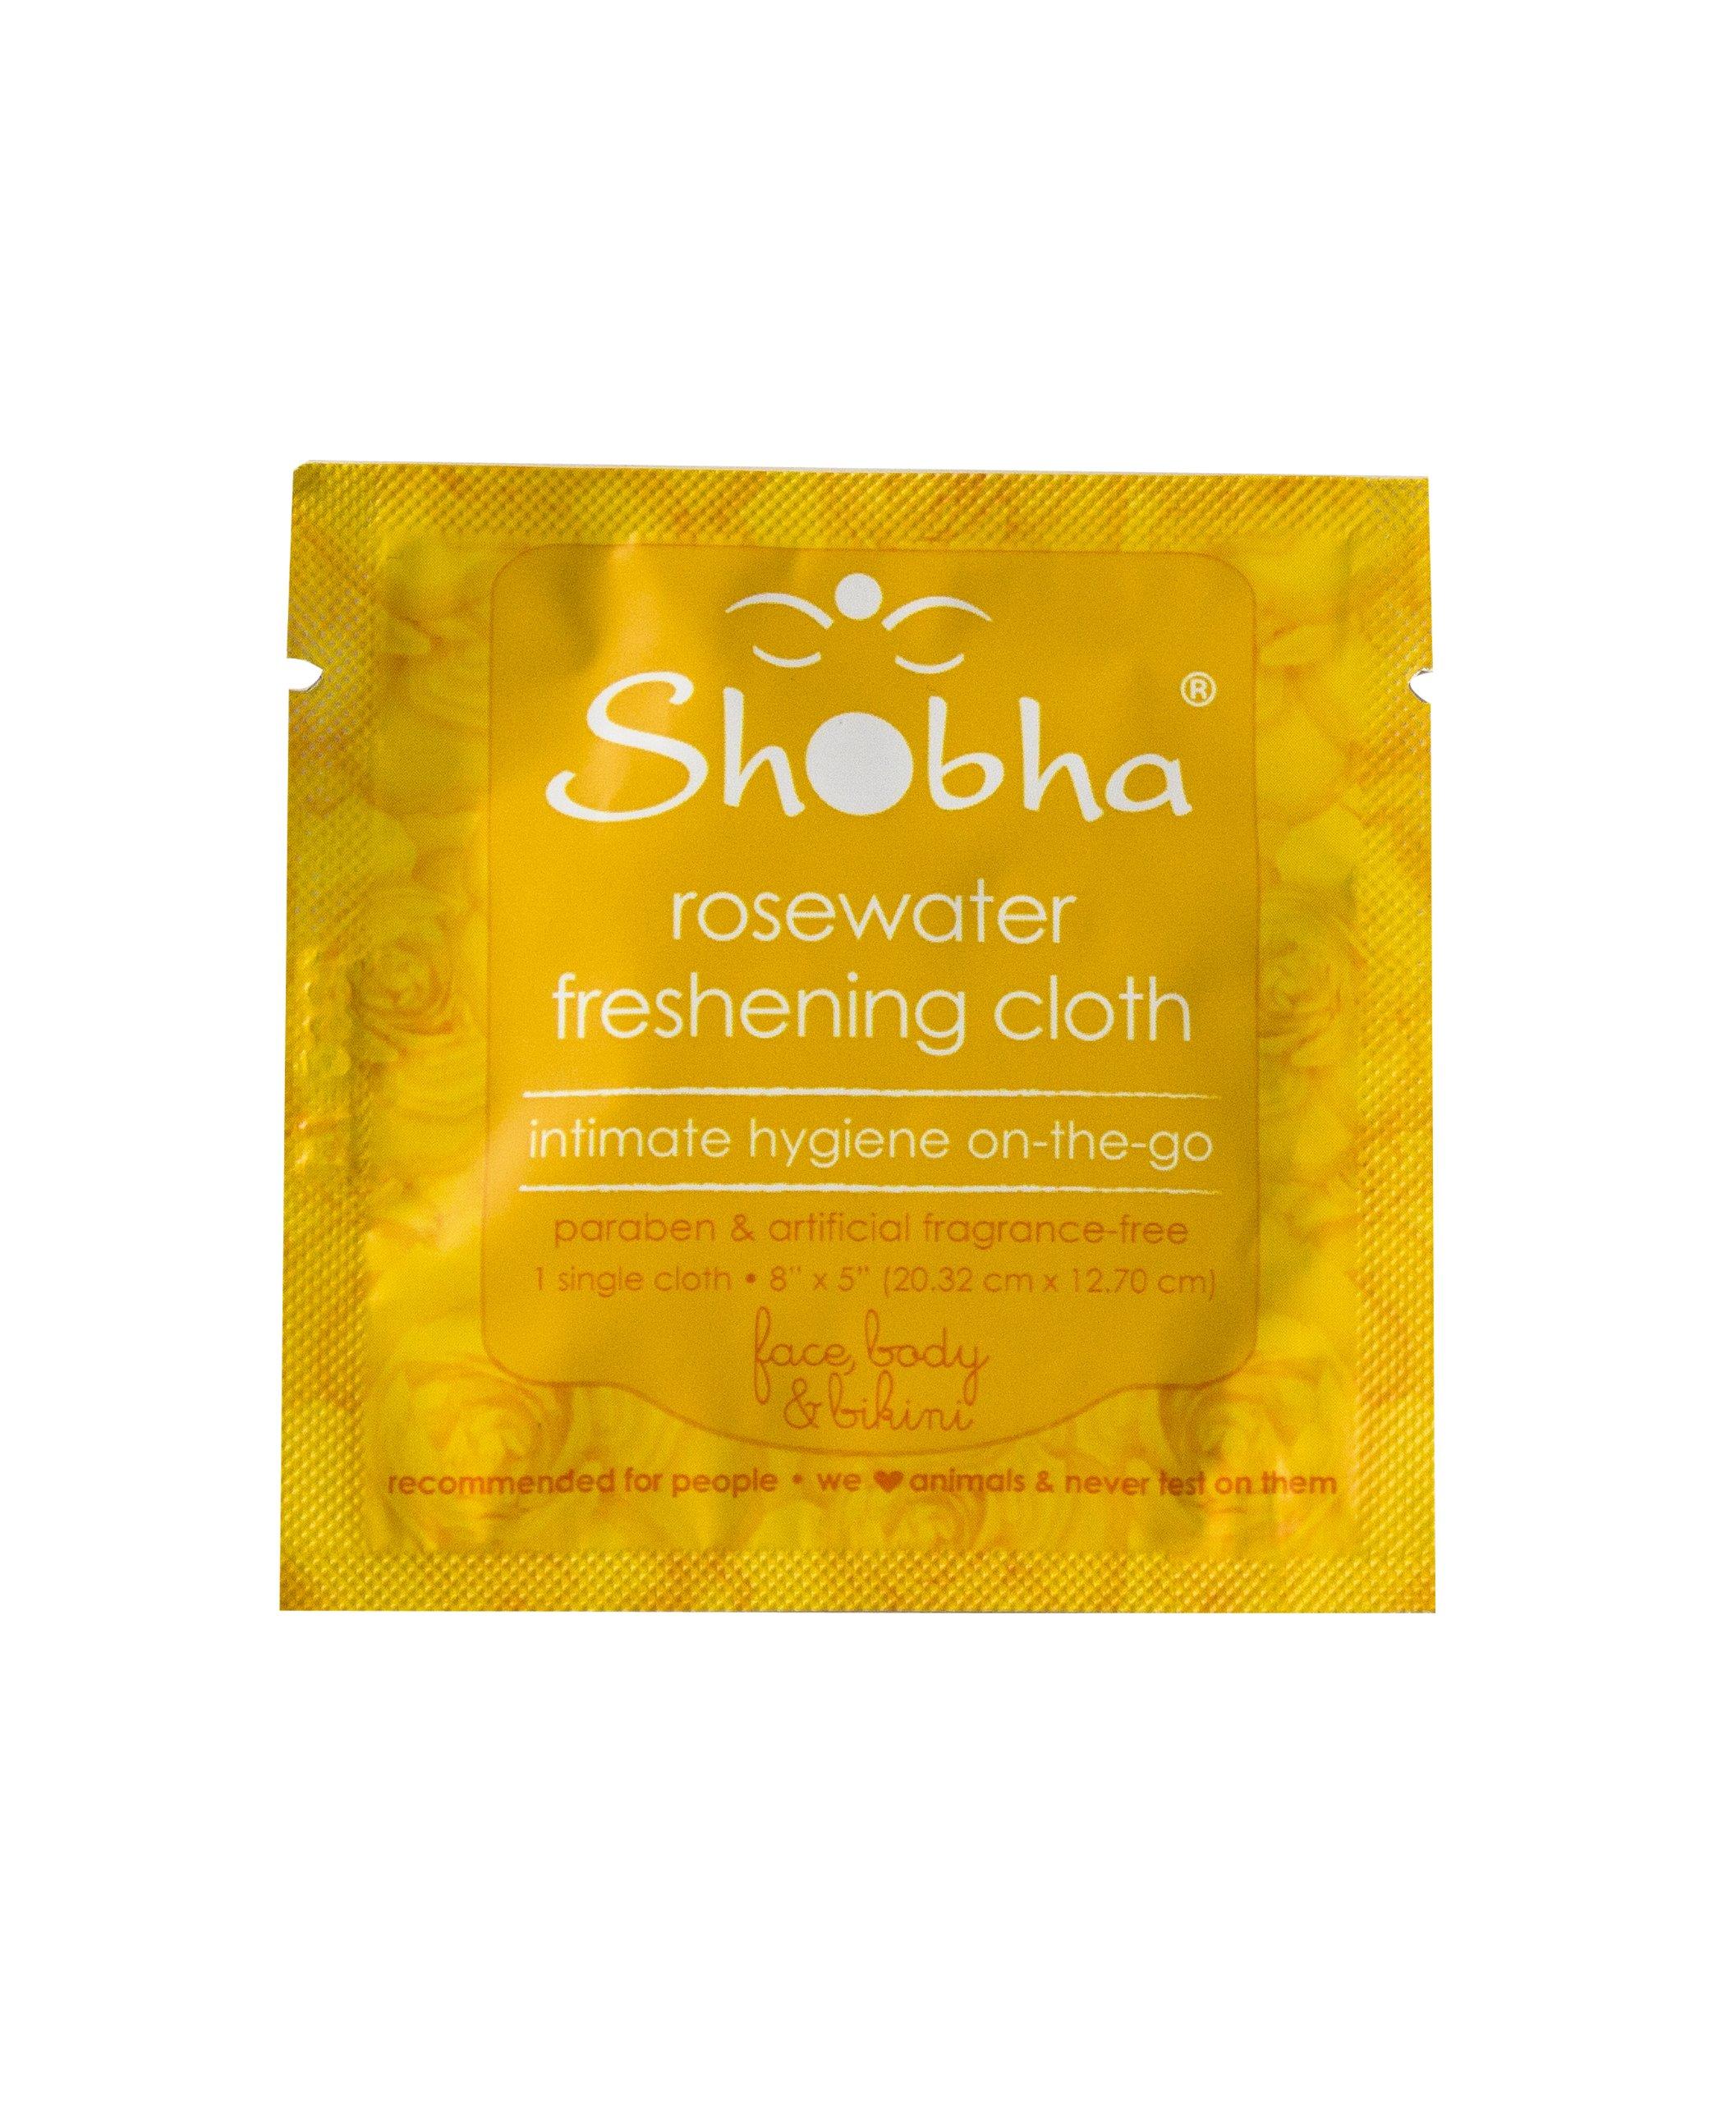 Shobha Rosewater Freshening Cloth - Single